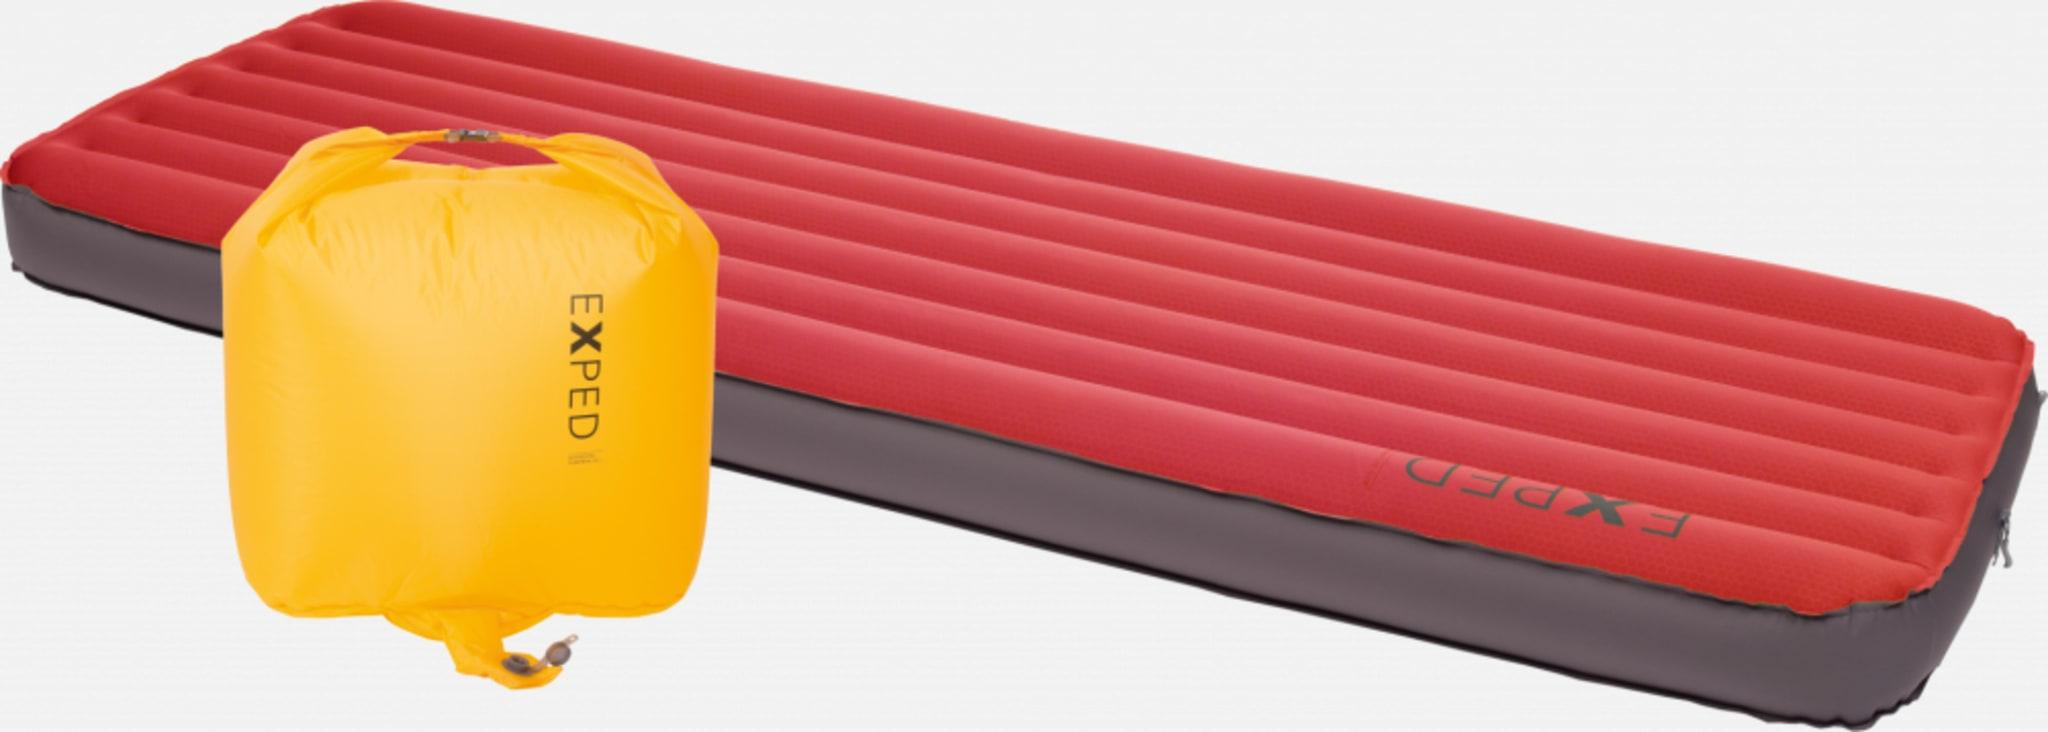 Svært liggeunderlag med topp komfort og isolasjon